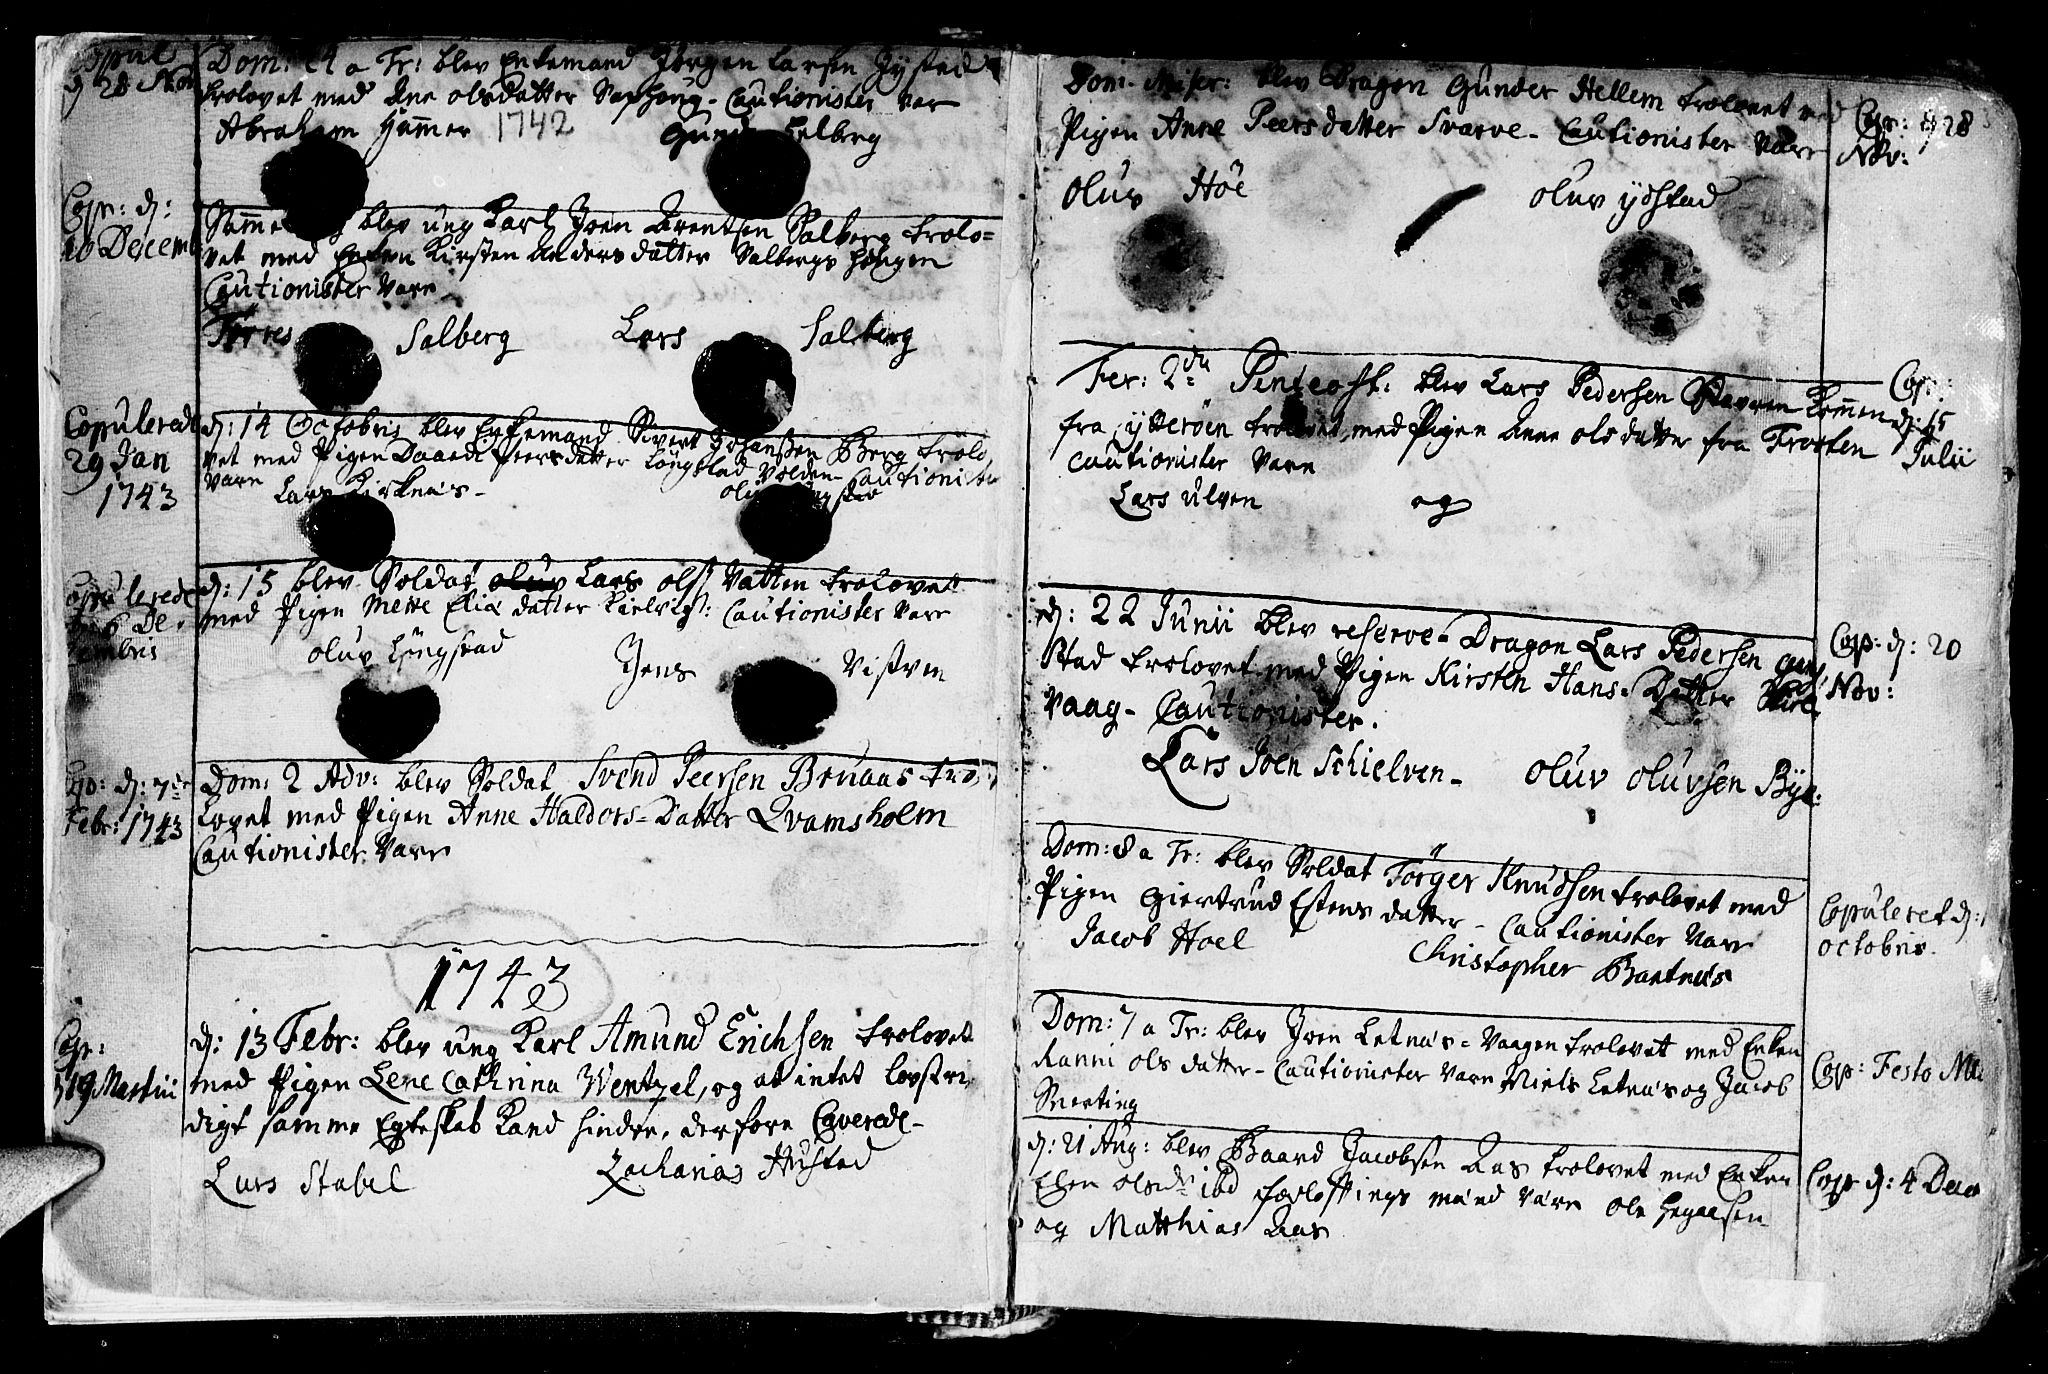 SAT, Ministerialprotokoller, klokkerbøker og fødselsregistre - Nord-Trøndelag, 730/L0272: Ministerialbok nr. 730A01, 1733-1764, s. 3